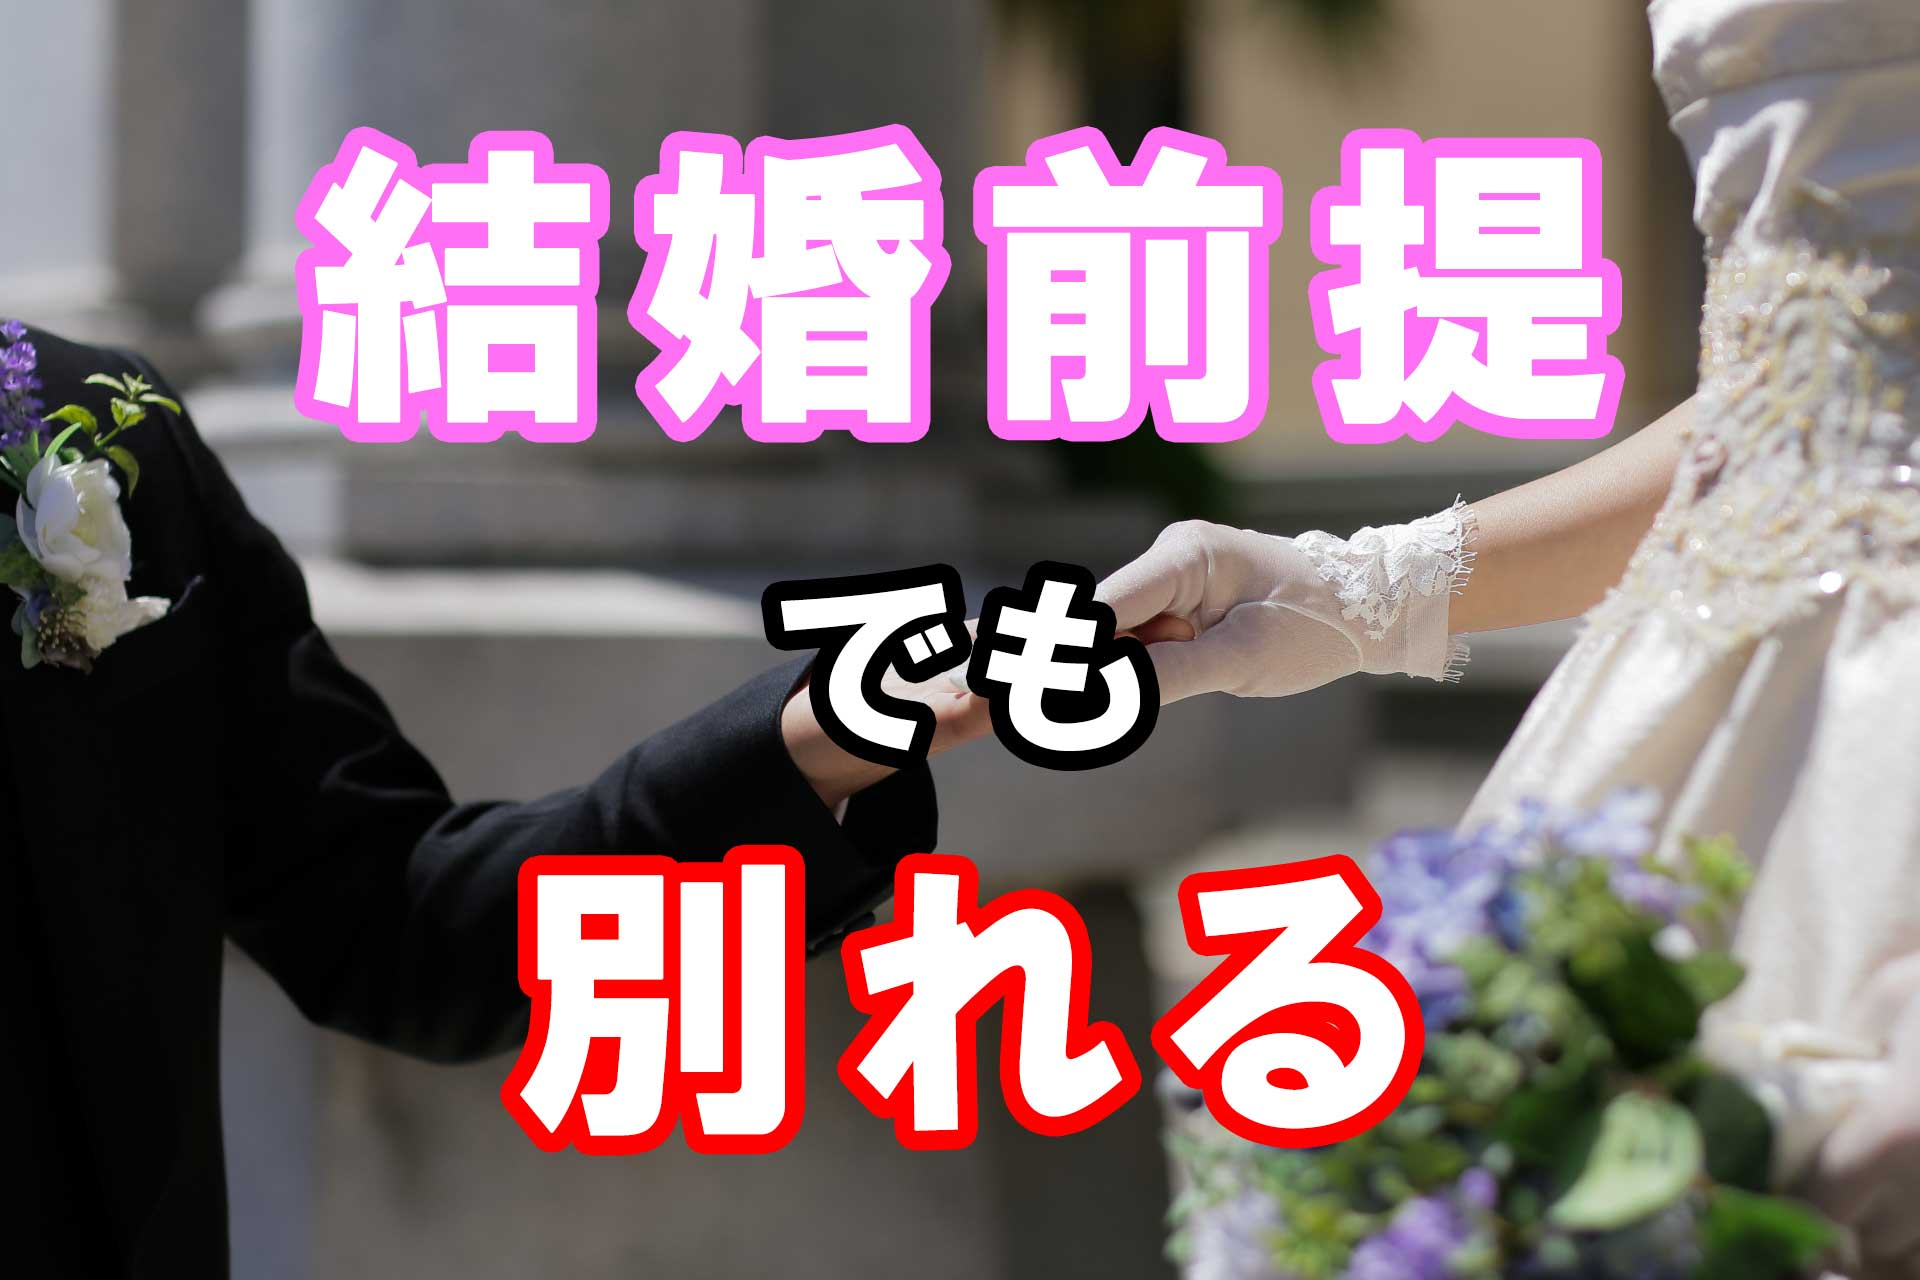 「結婚前提でも別れる」と書かれたテキストと、タキシードとドレス姿で手を取り合う新郎新婦